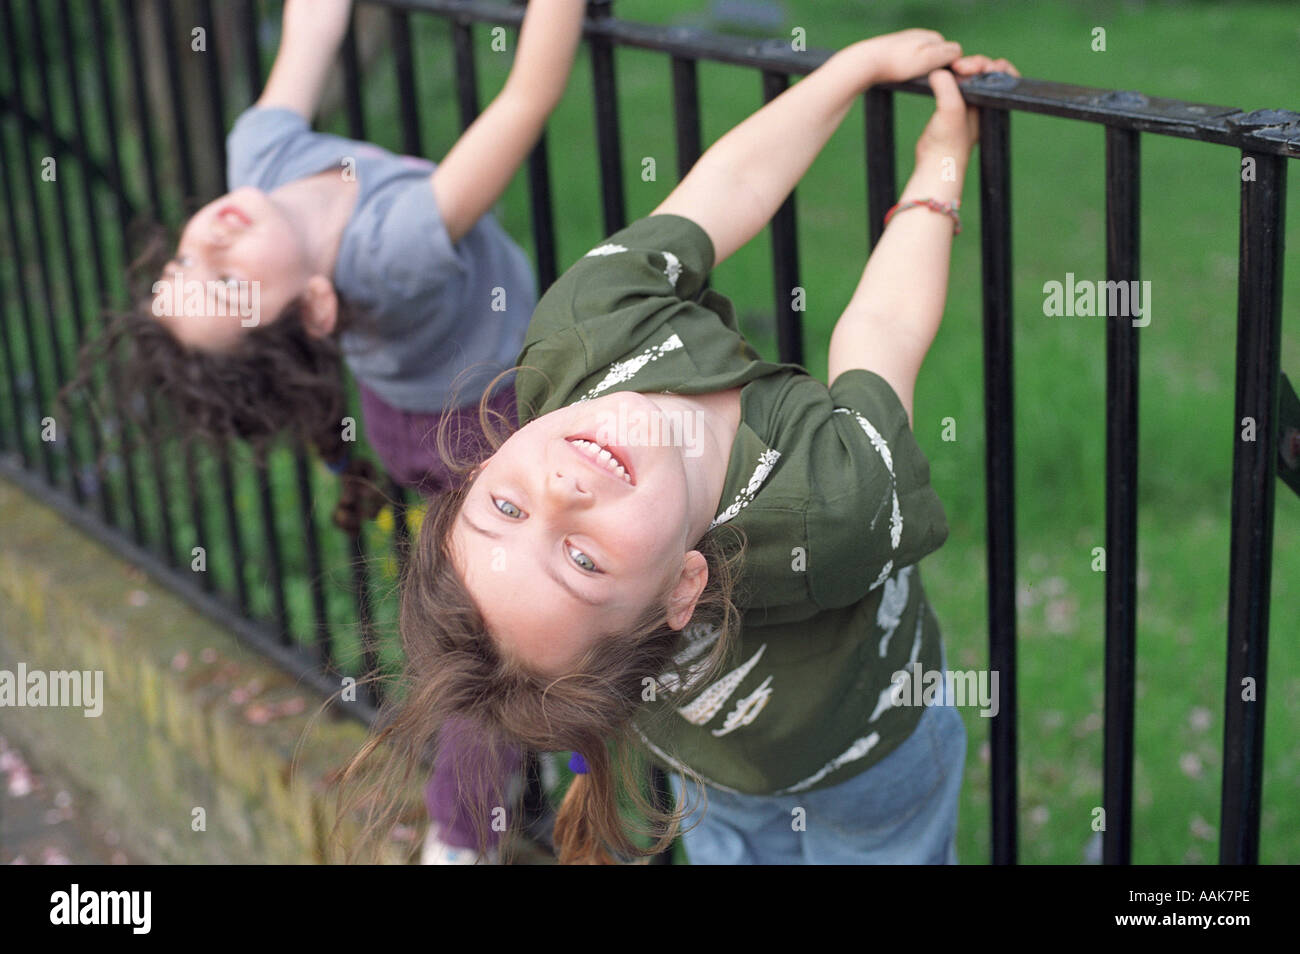 Due sei anni di ragazze giocando sulle ringhiere metalliche, Londra, Regno Unito. Immagini Stock